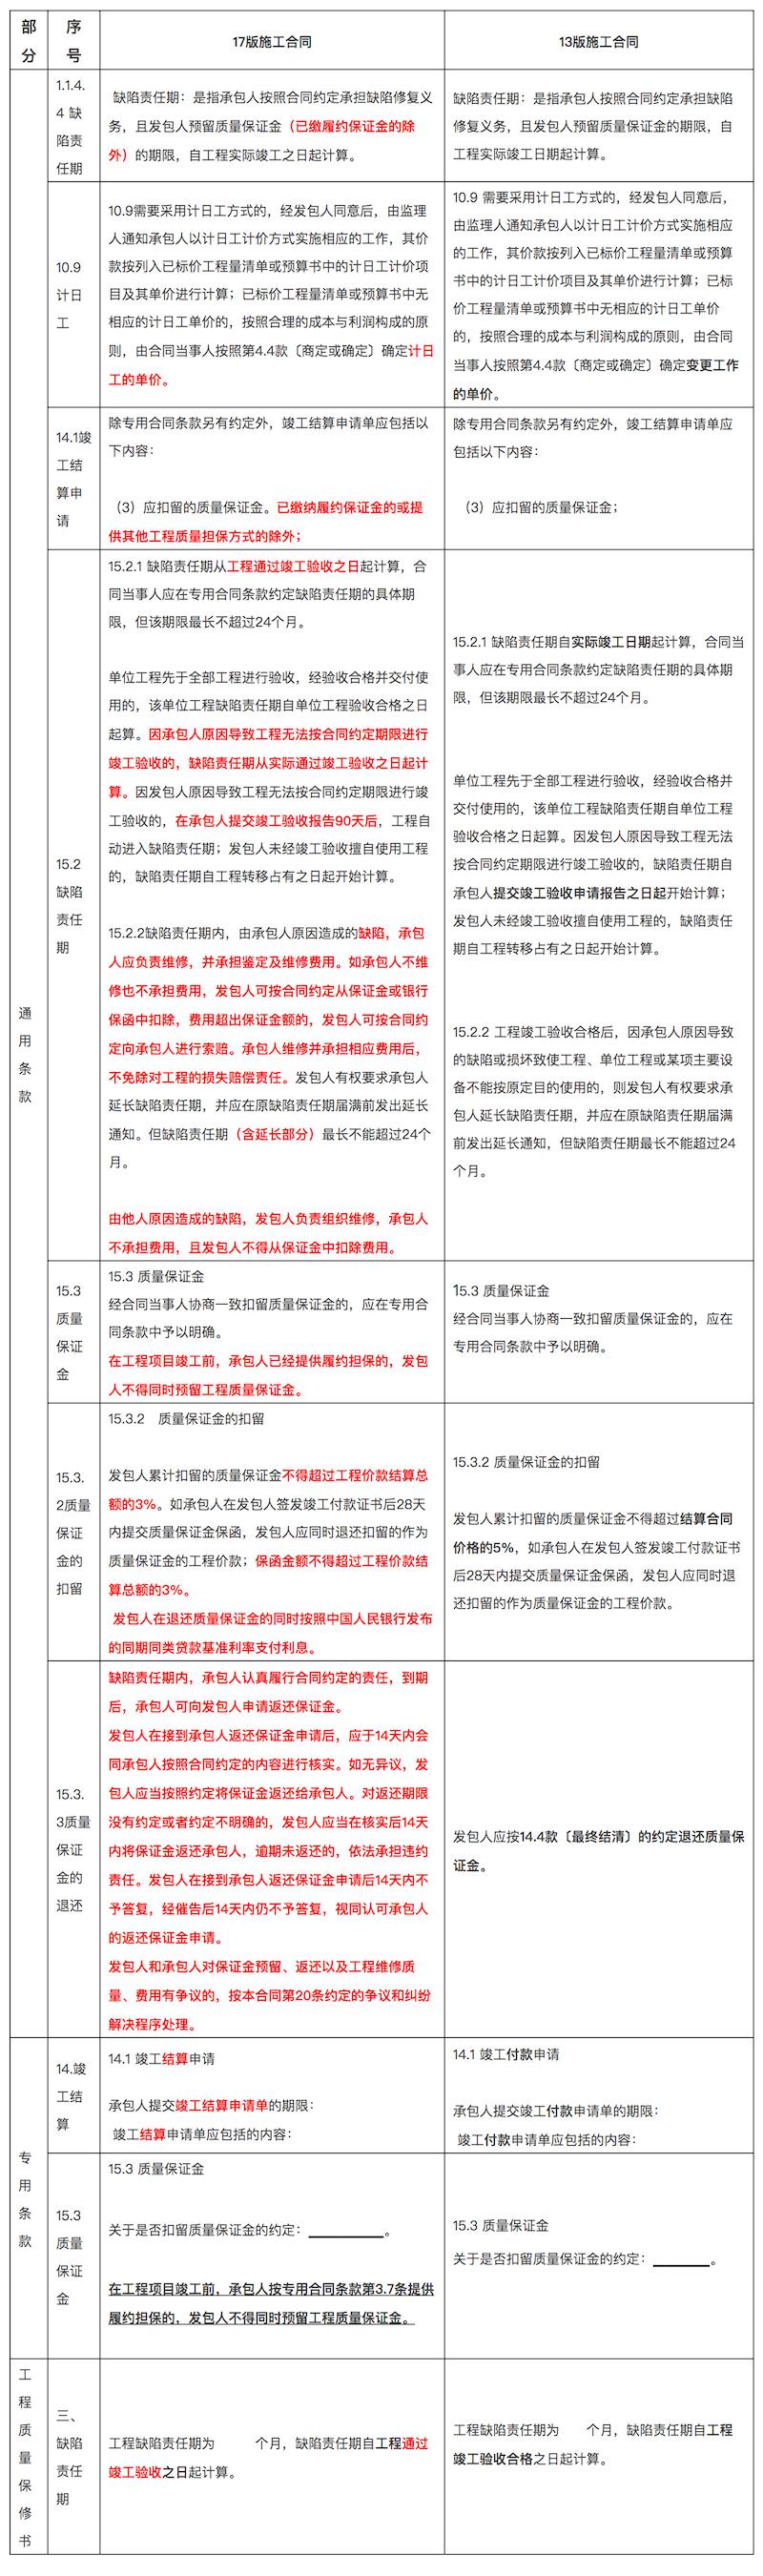 mp.weixin.qq.com_s_Yfs3qm9DLI0OD5XHMS3b1w(iPad Pro)副本.jpg